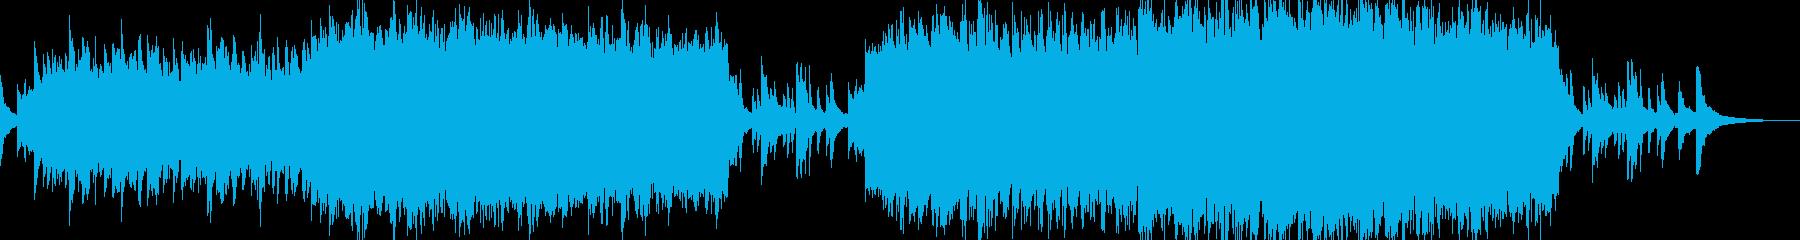 悲しくも美しい壮大なバラード系BGMの再生済みの波形